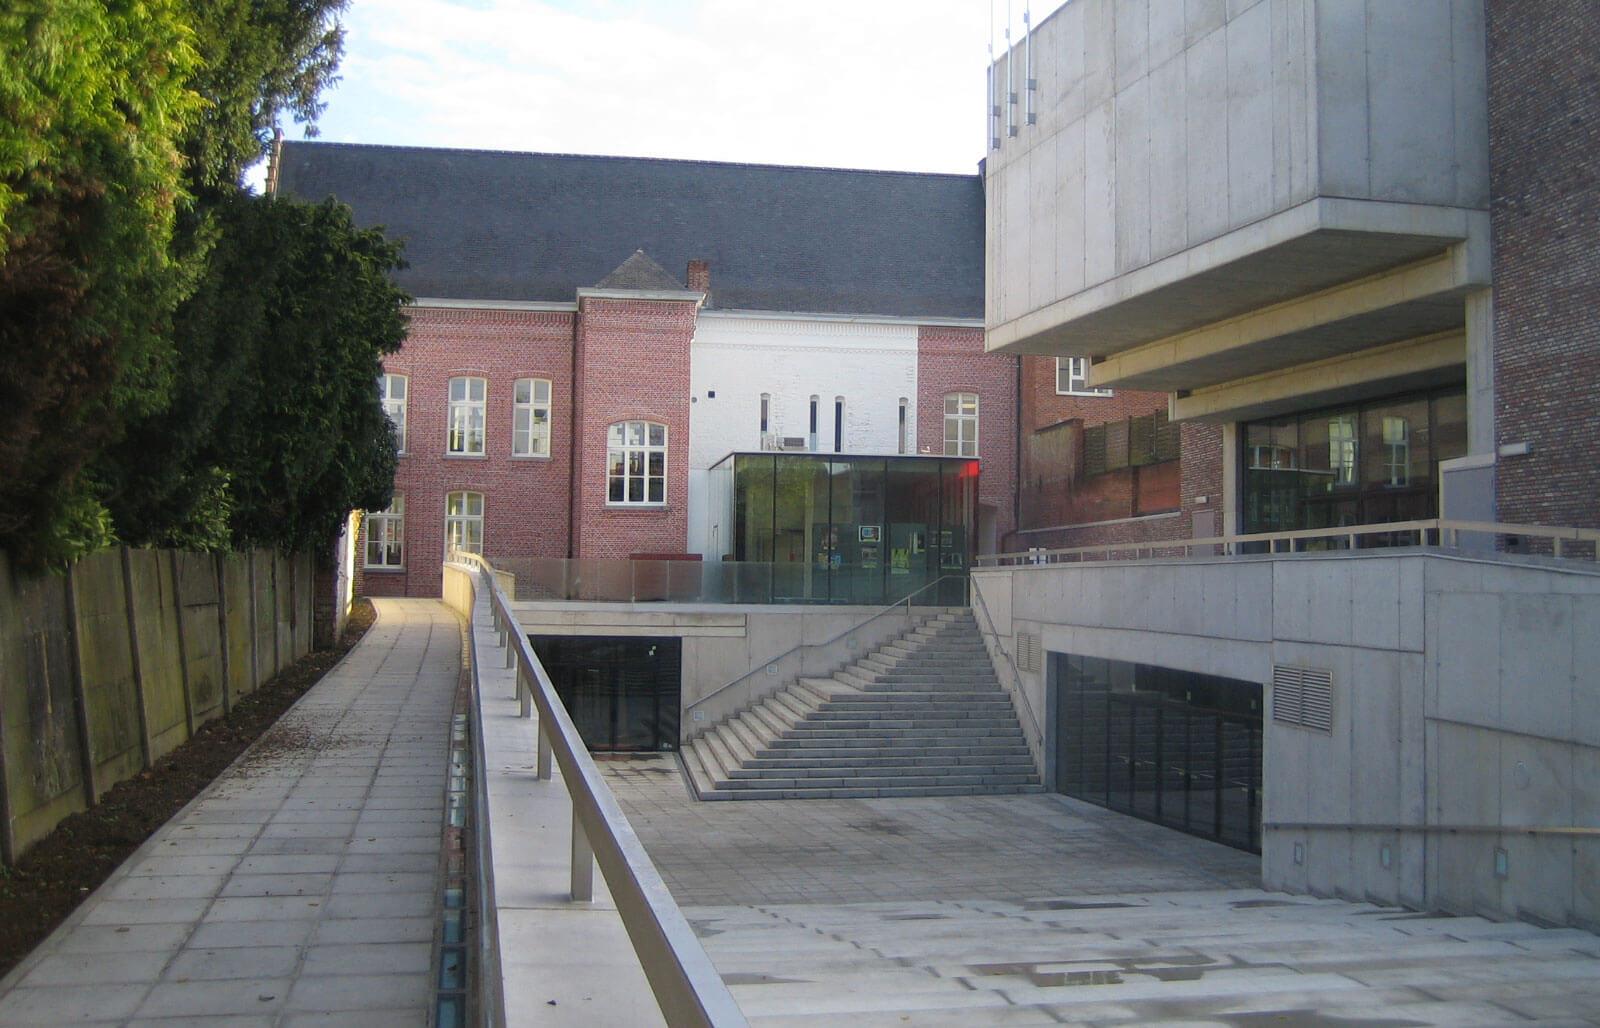 Overzicht van de betonnen buitenaanleg en het verlaagde binnenplein. Door de vorm van de trappen kan deze ruimte gebruikt worden als buitenpodium.